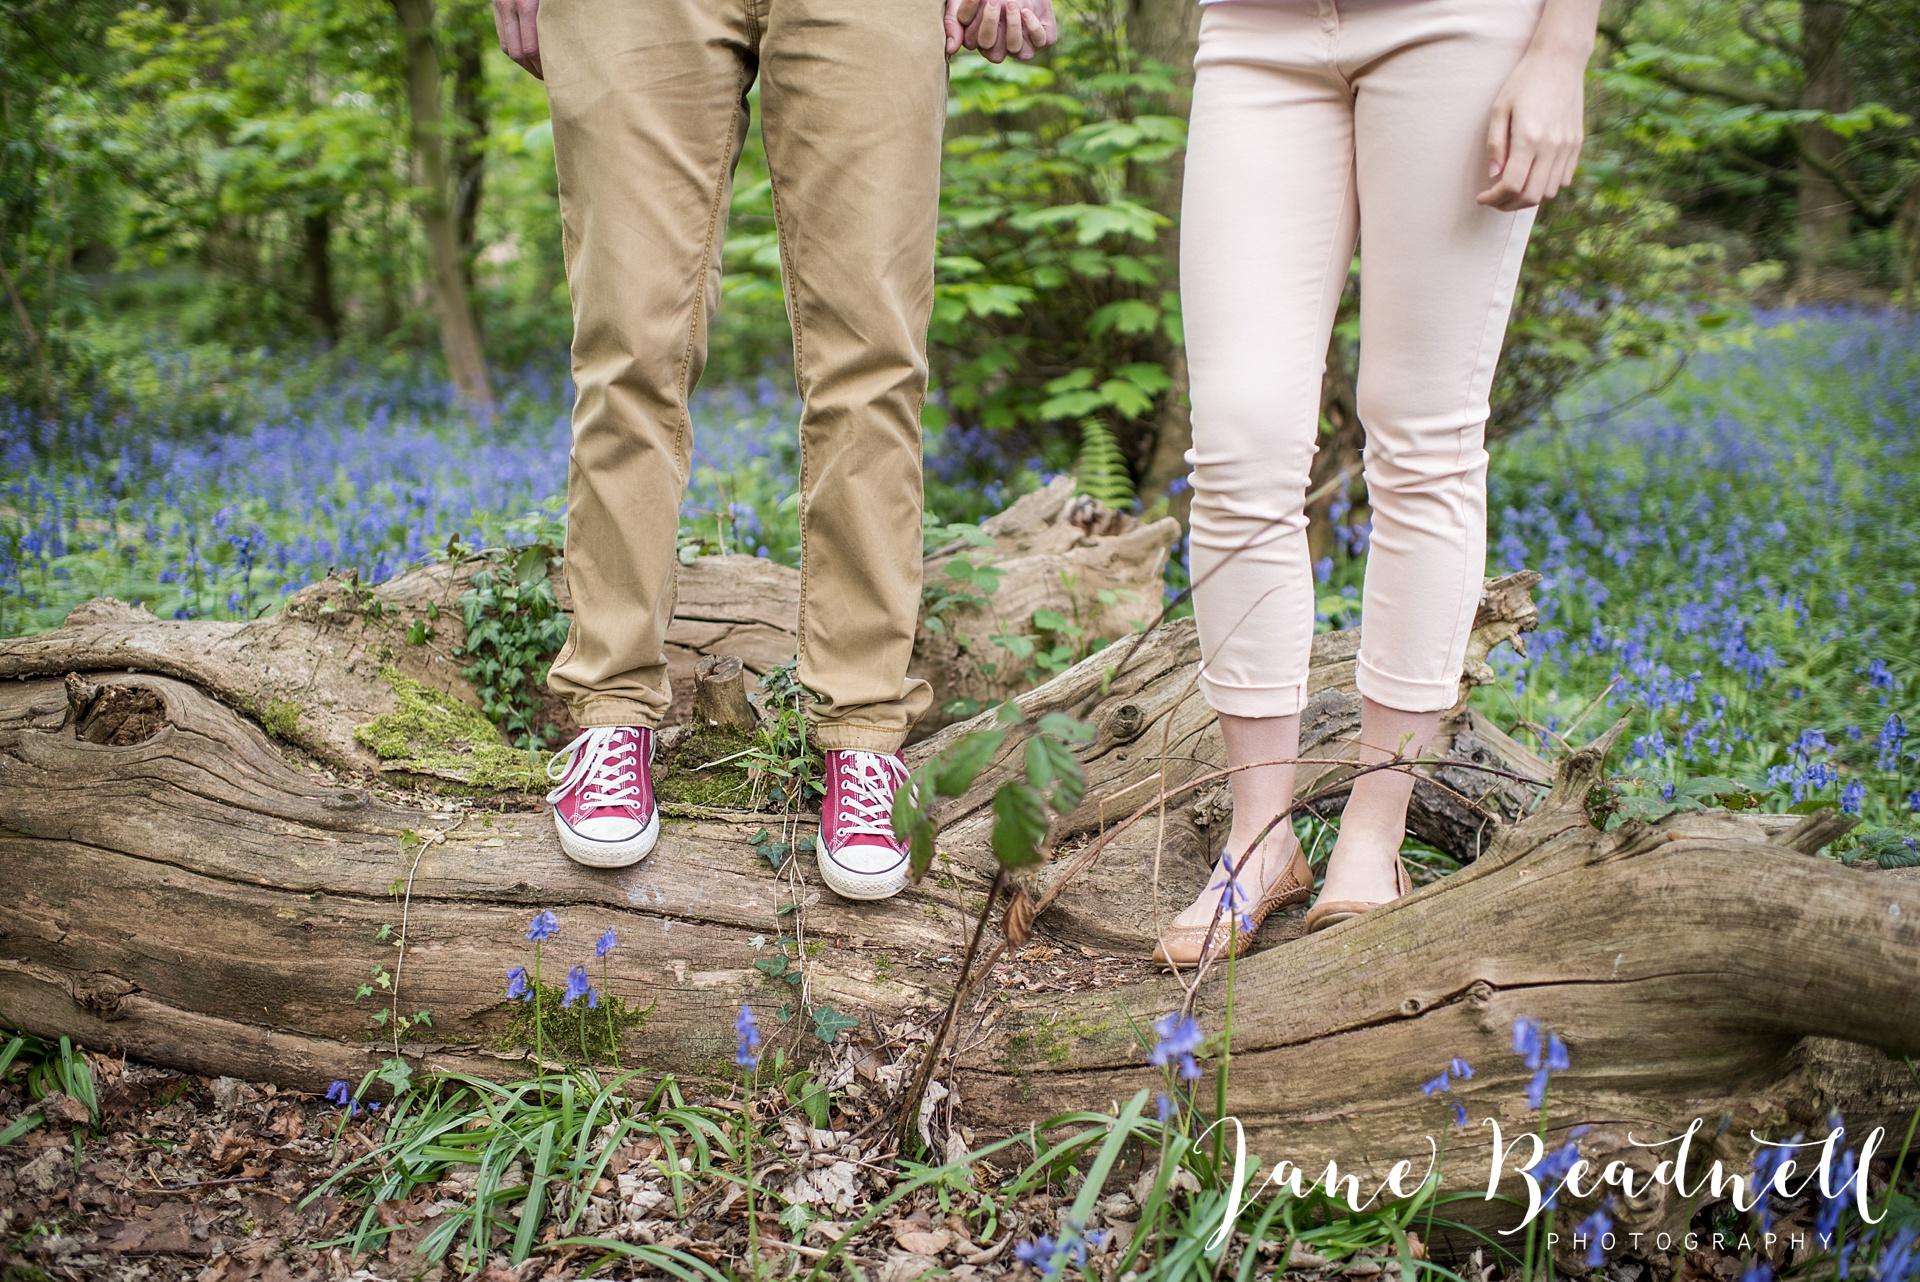 Yorkshire Sculpture Park Engagement Shoot Leeds wedding photographer Jane Beadnell_0040